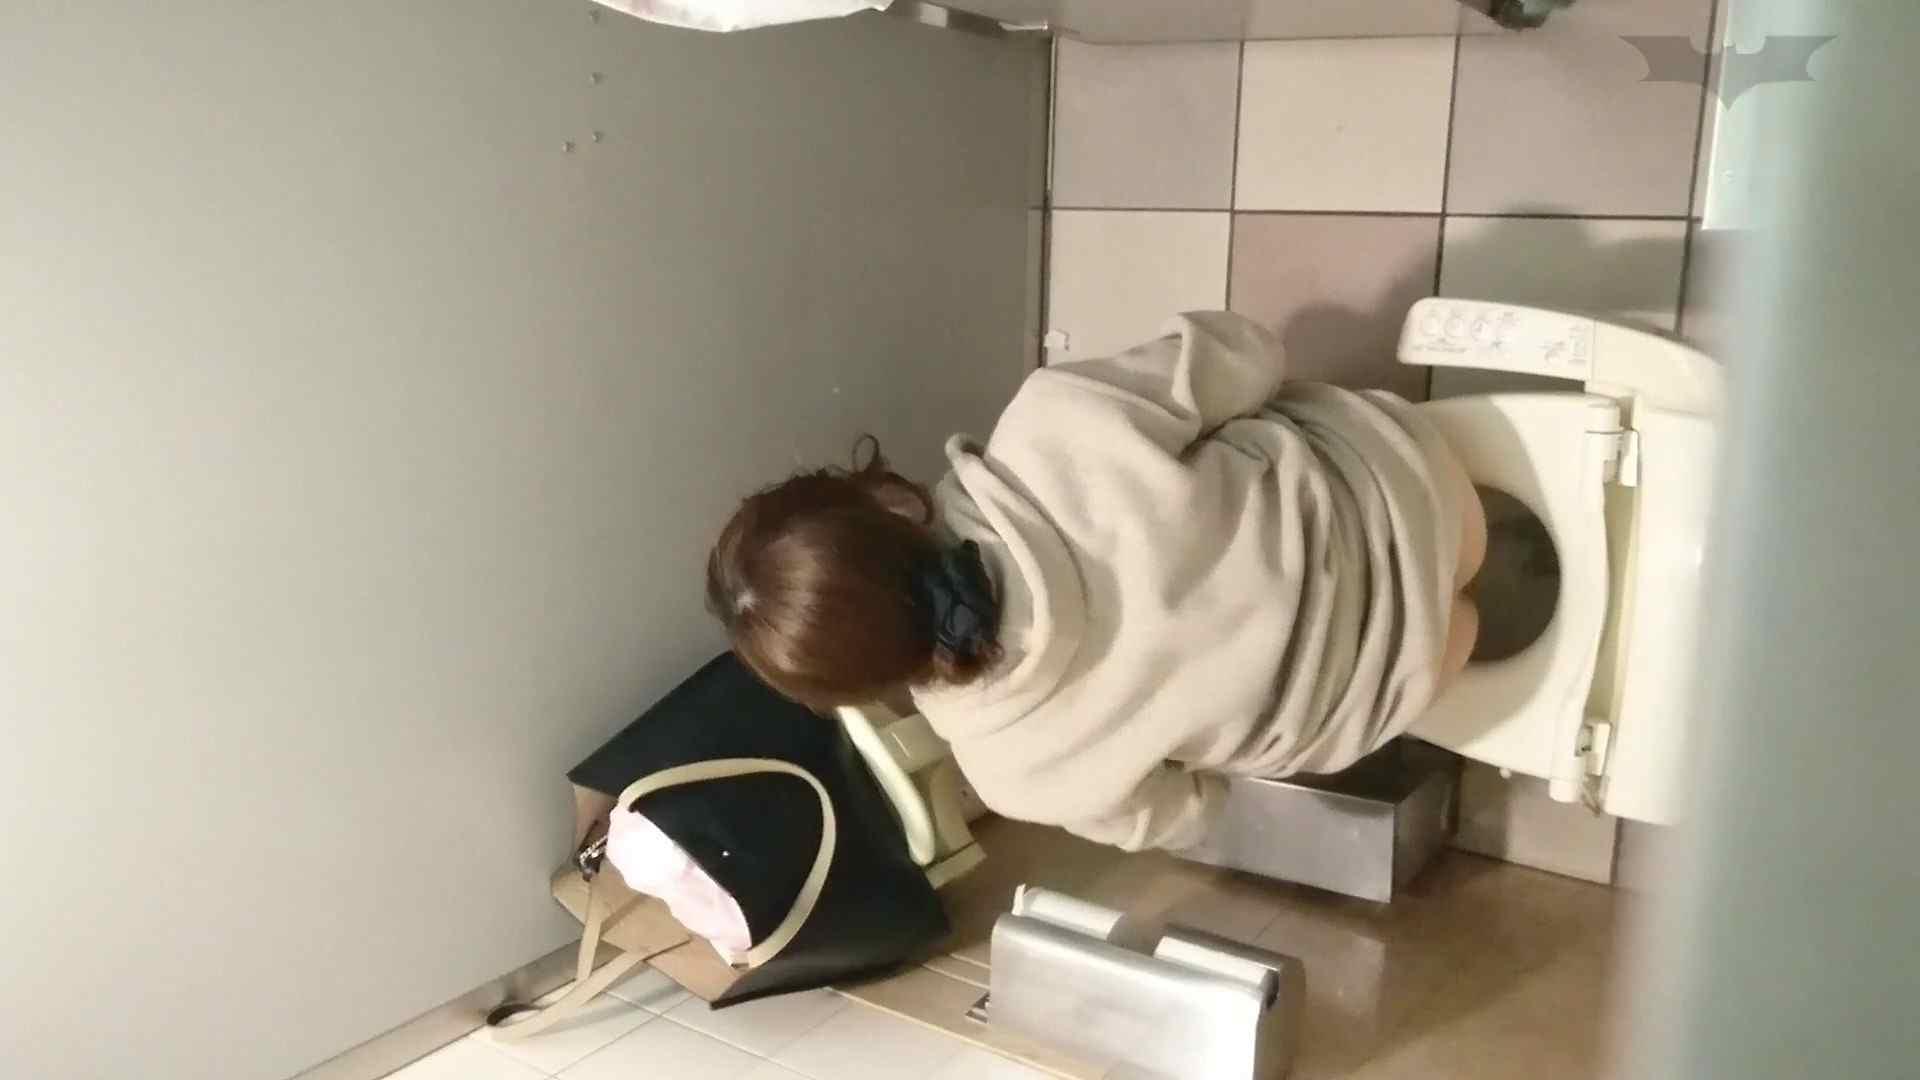 化粧室絵巻 ショッピングモール編 VOL.11 美肌   丸見えマンコ  90画像 9